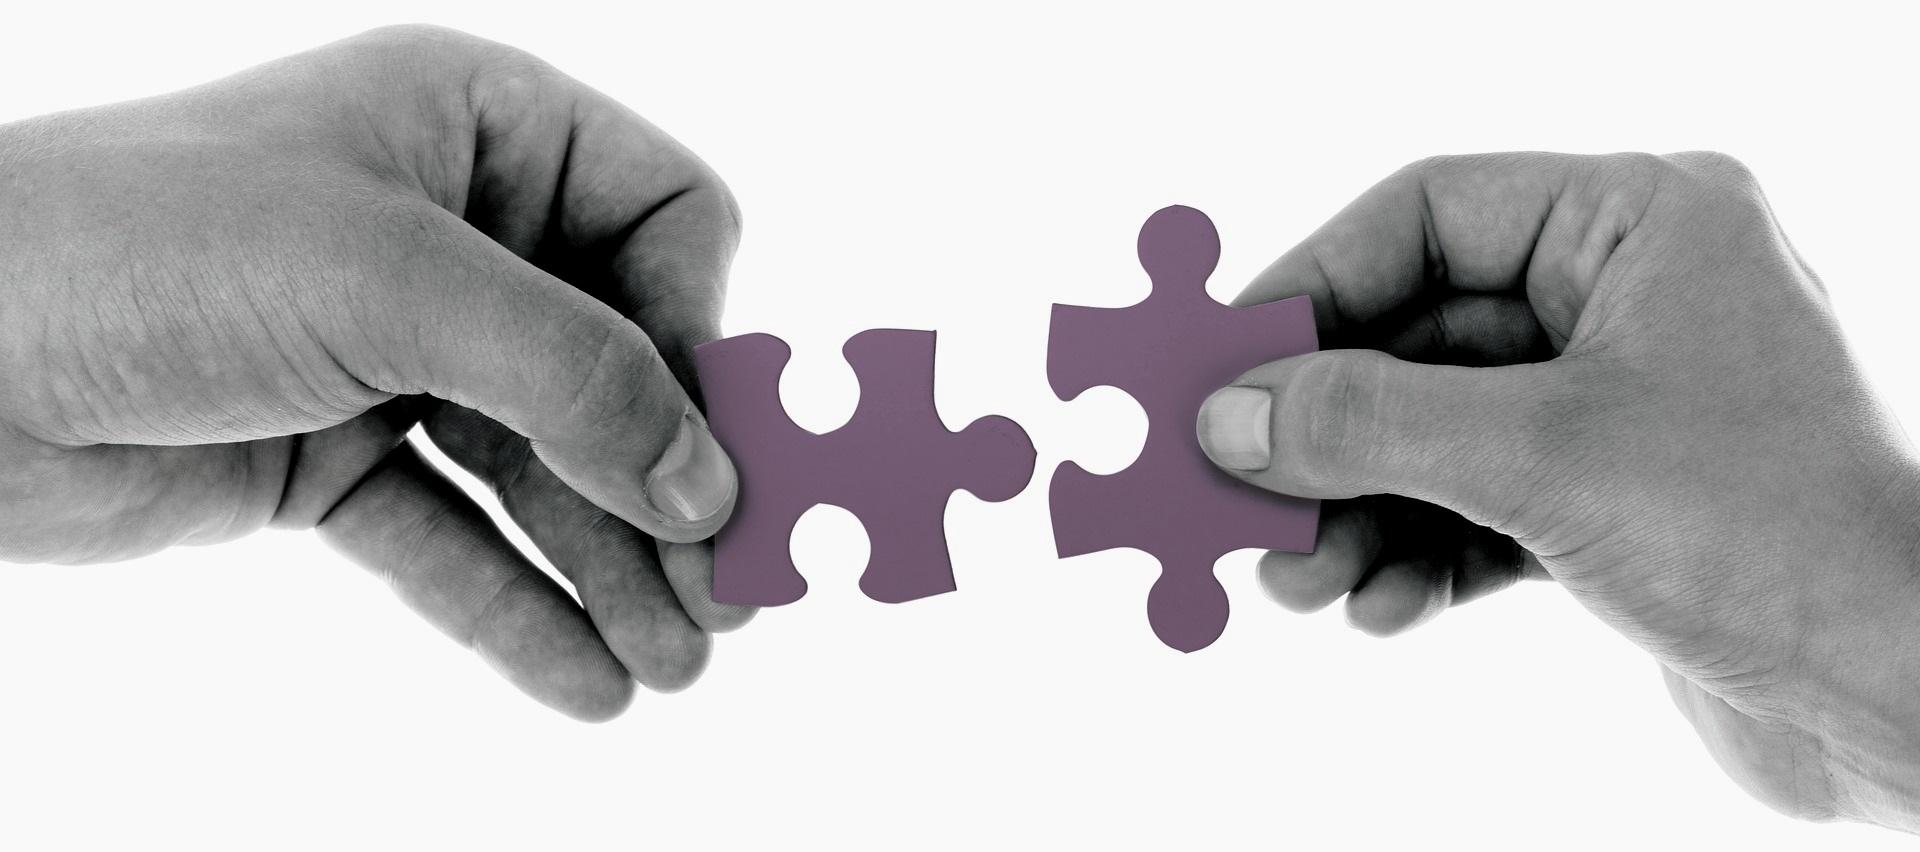 werteorientiertes-verkaufen-kompetenzen-ulrike-knauer-verkauf-vertrieb-verkaufsseminar-verkaufstraining-muenchen-zufriedenheit-spitzenverkaeufer-strategie